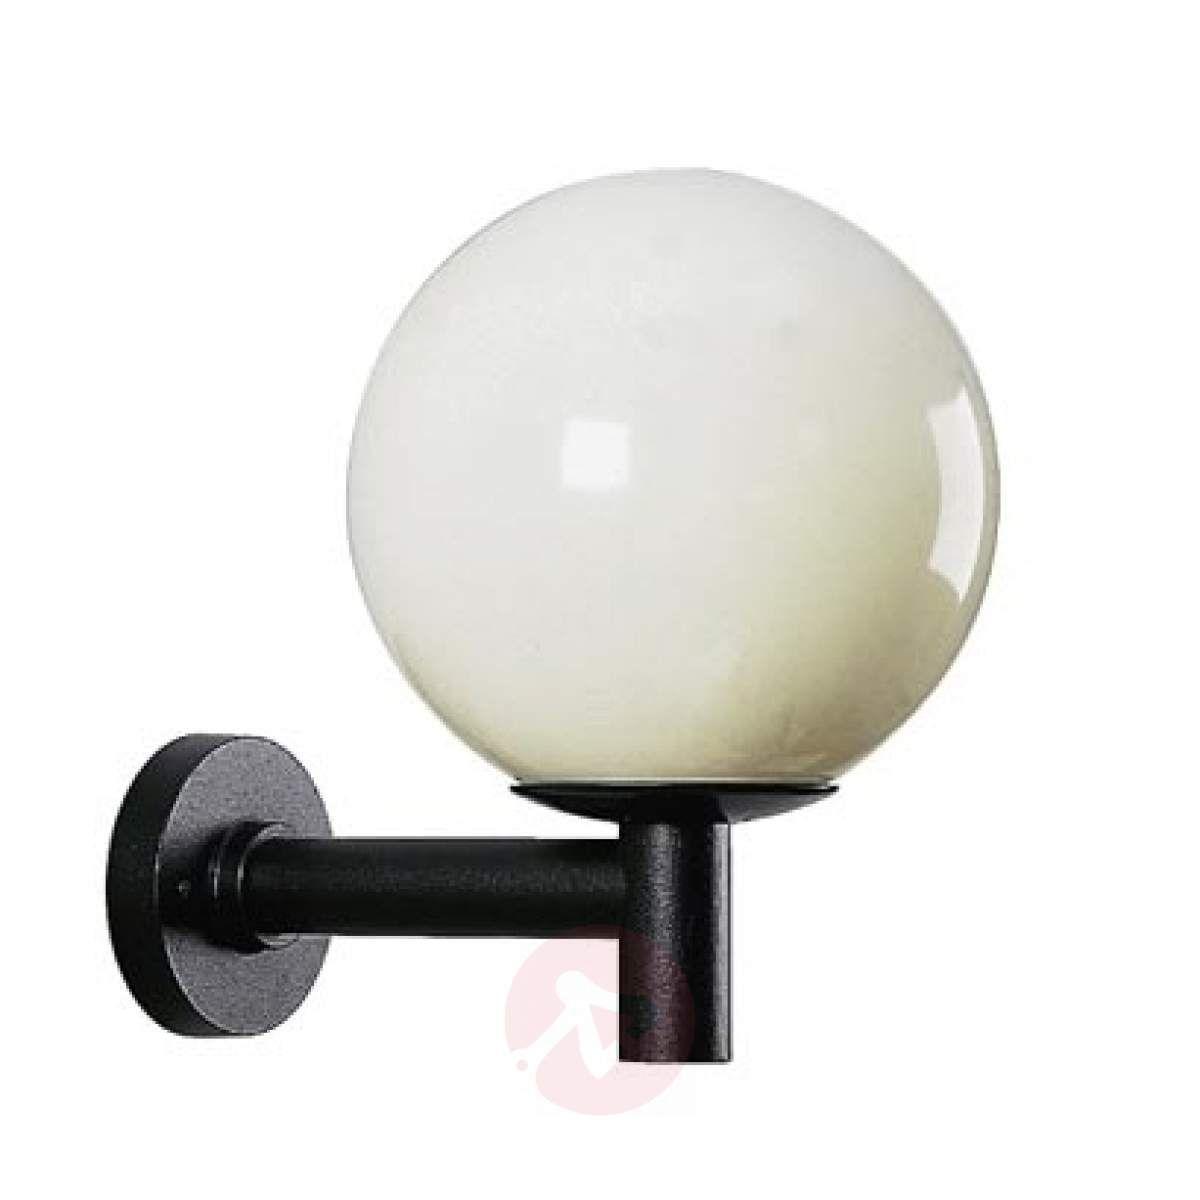 Zewnętrzna Lampa ścienna Kugel 3 Lampy Wiszące Zewnętrzne